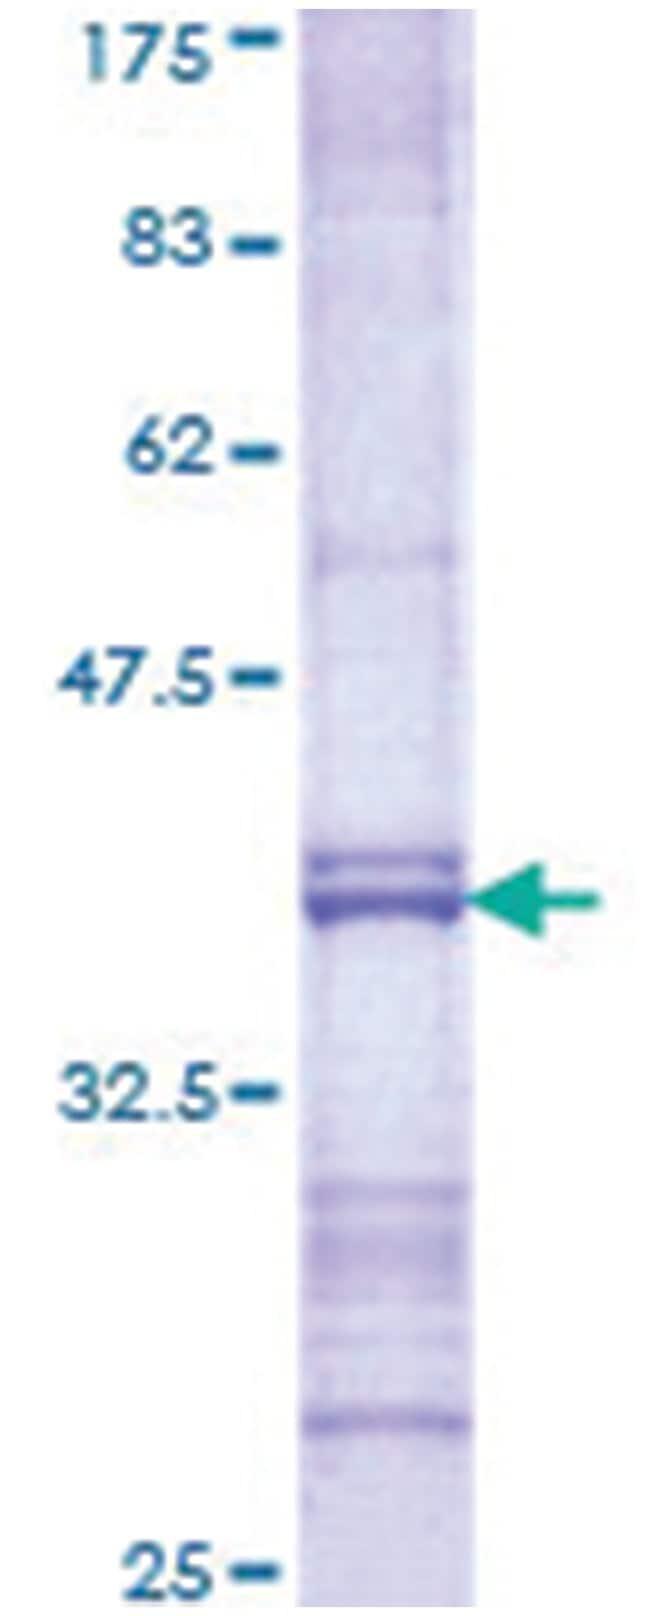 FEV Recombinant Protein, Abnova™ 10ug FEV Recombinant Protein, Abnova™